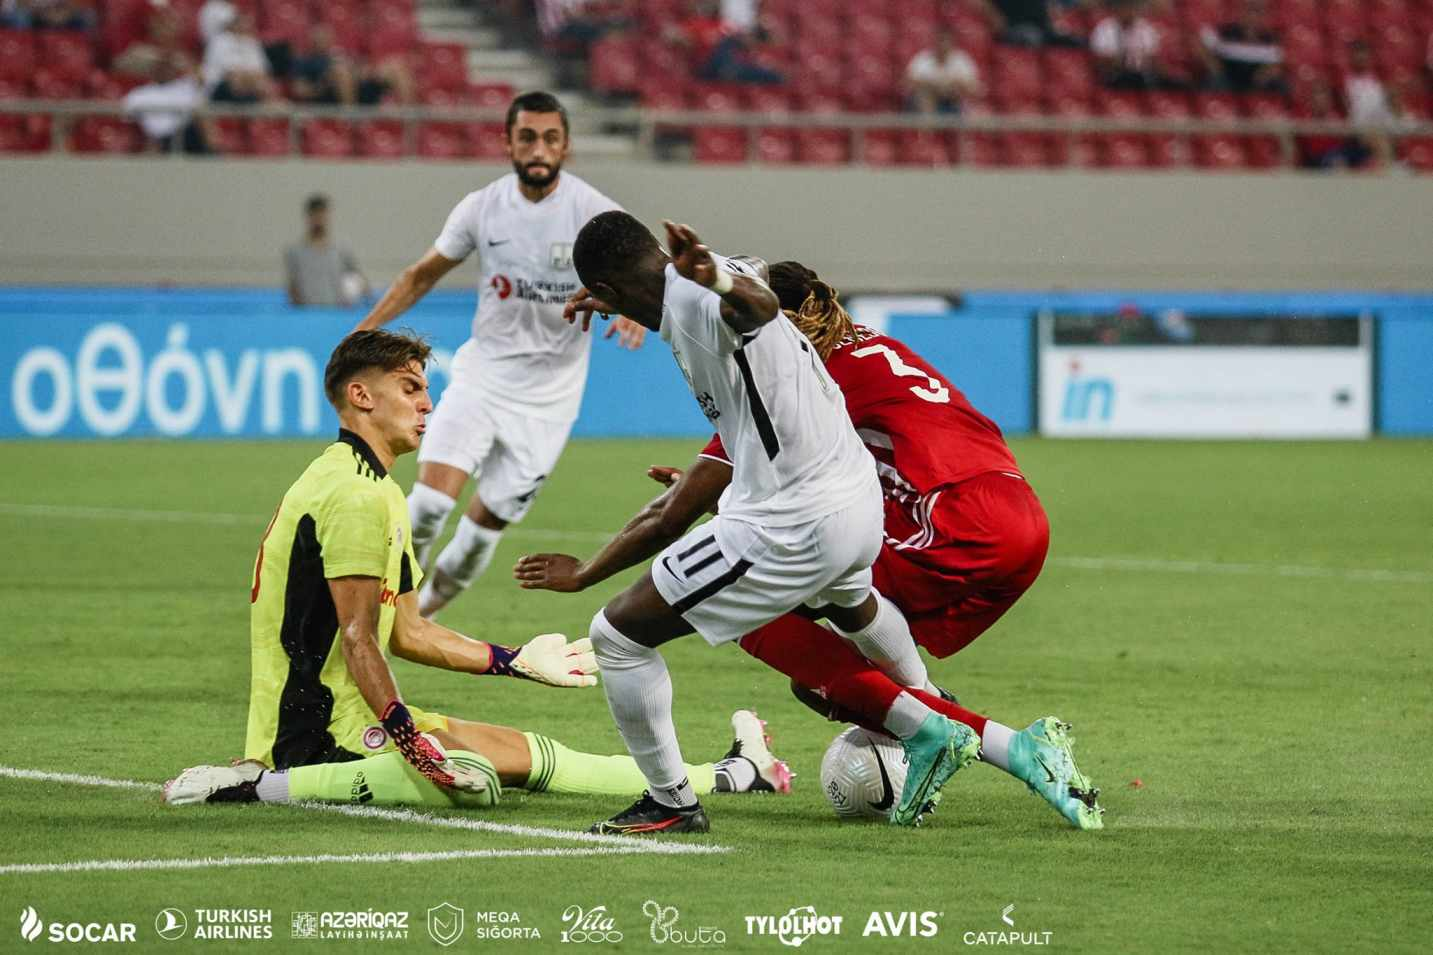 Olympiacos 1:0 Neftçi